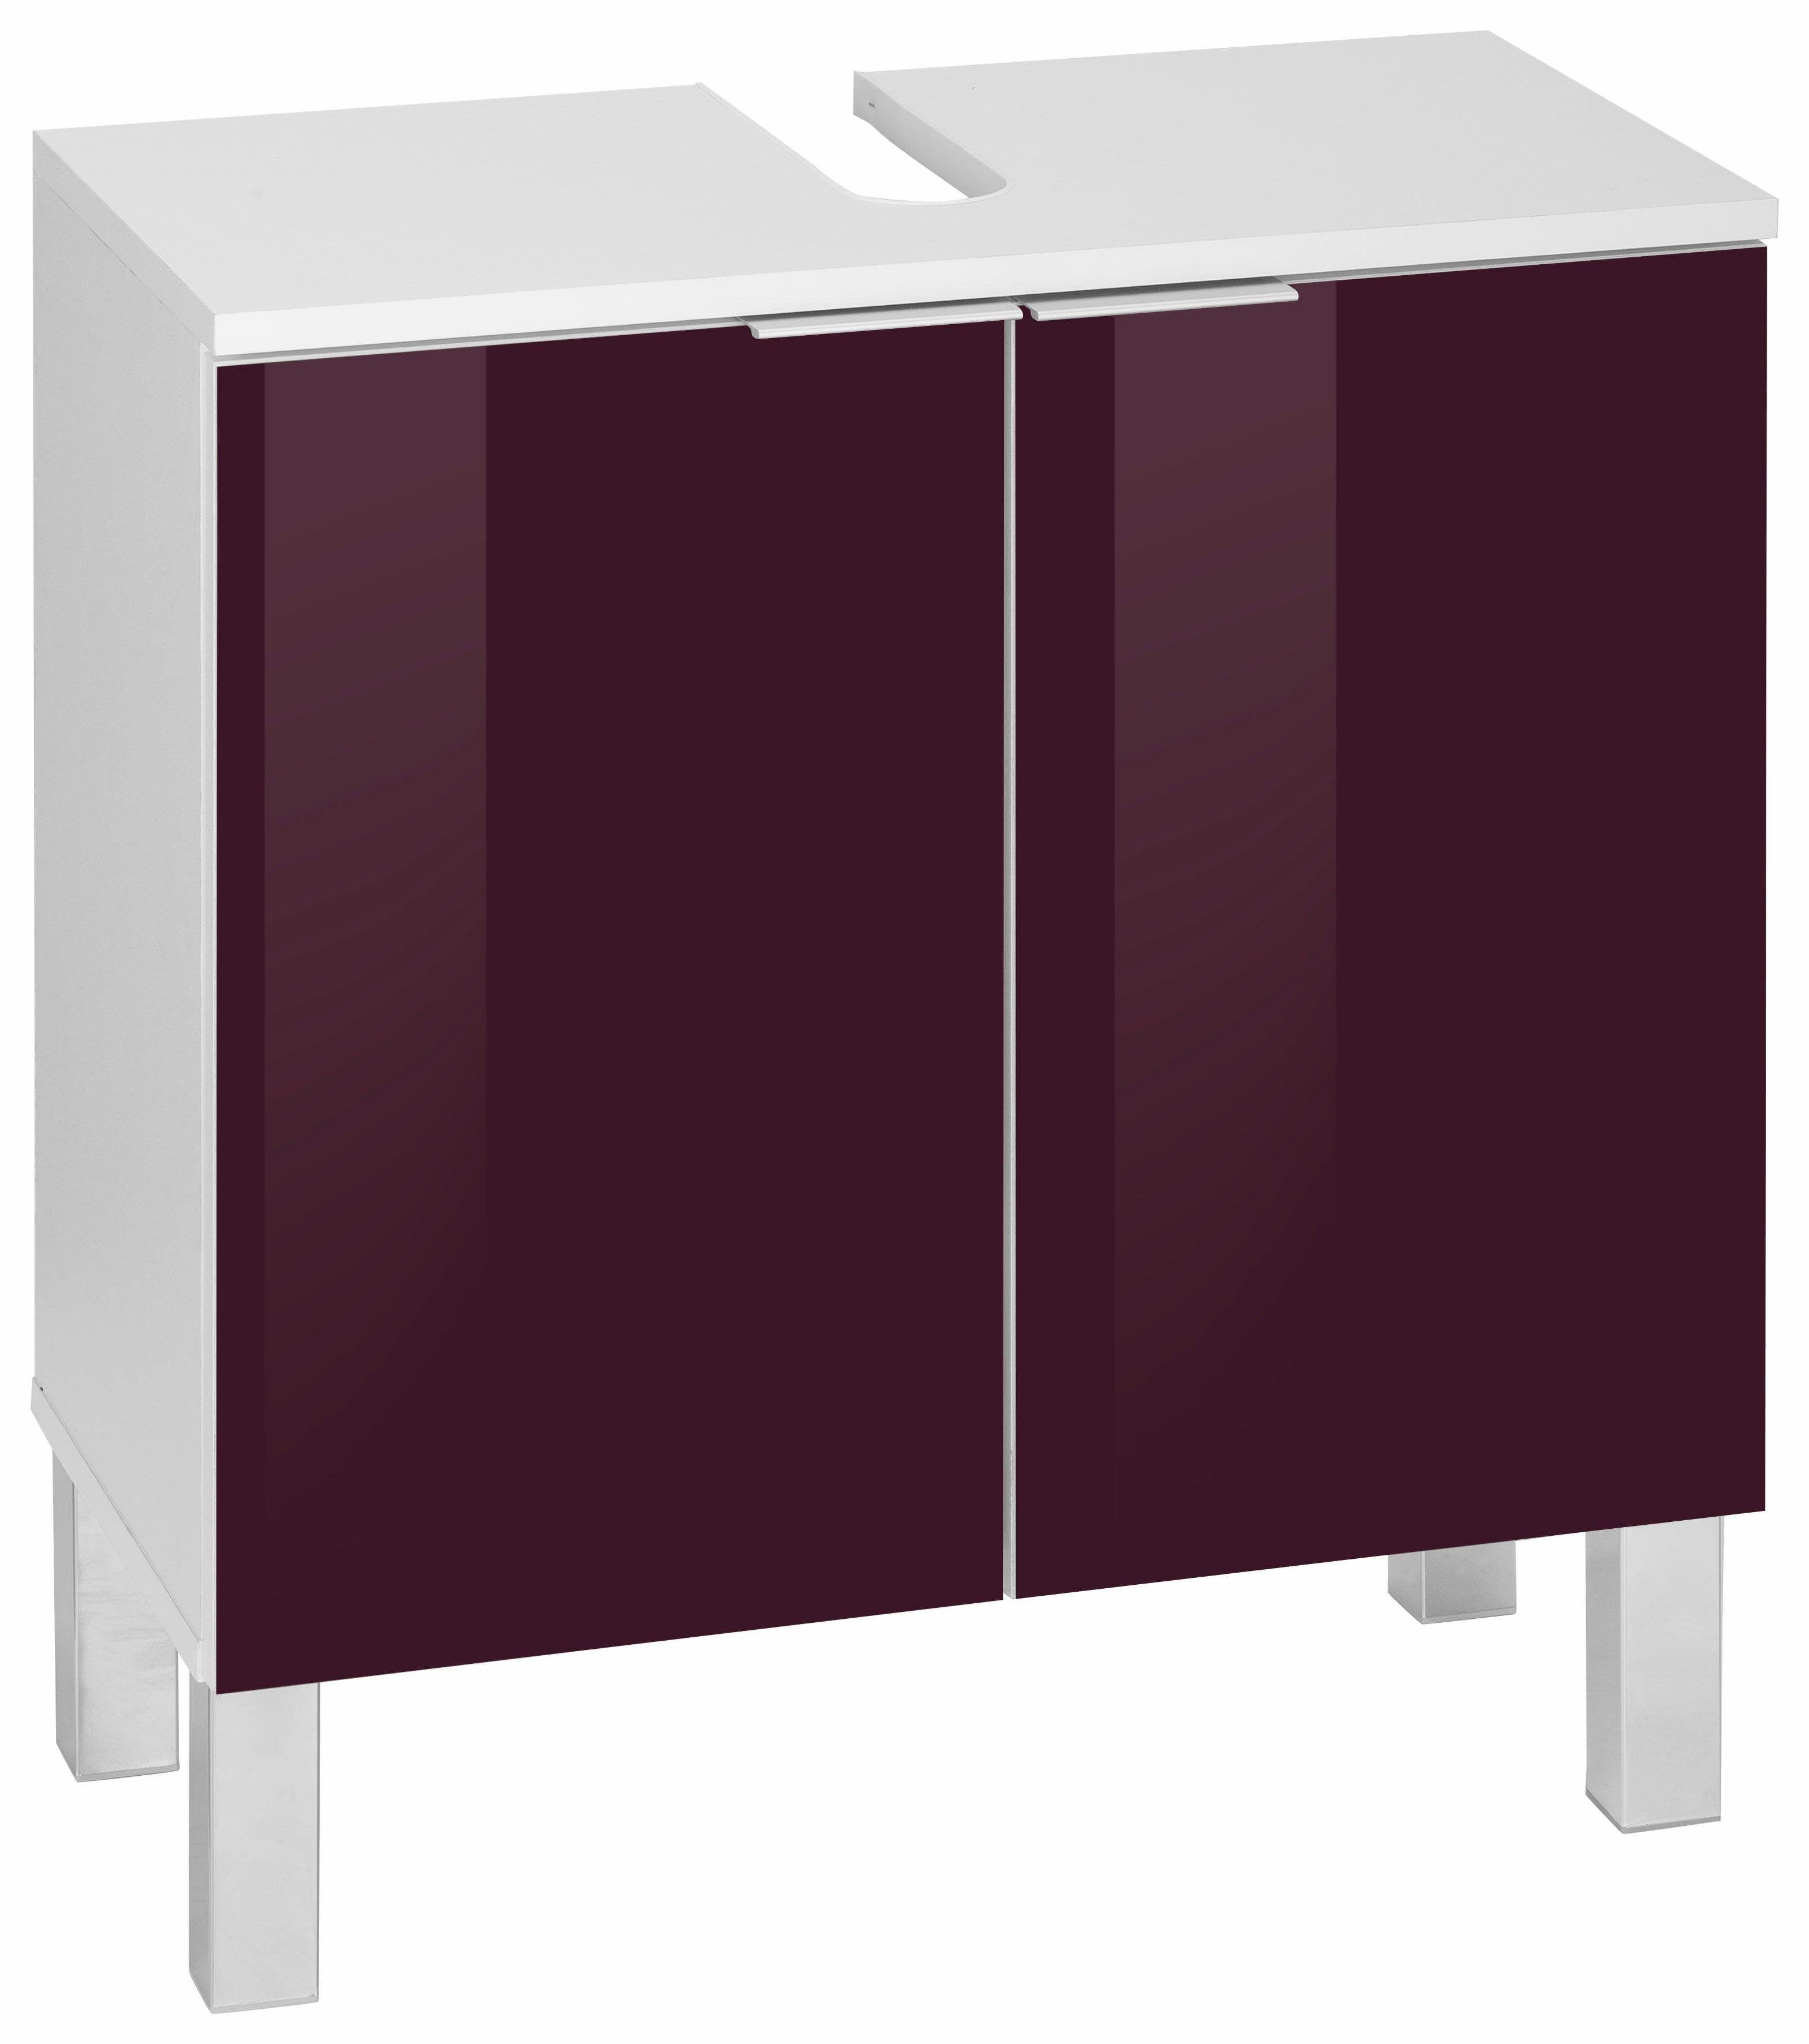 Möbel Tessin kesper waschbeckenunterschrank lila tessin jetzt bestellen unter